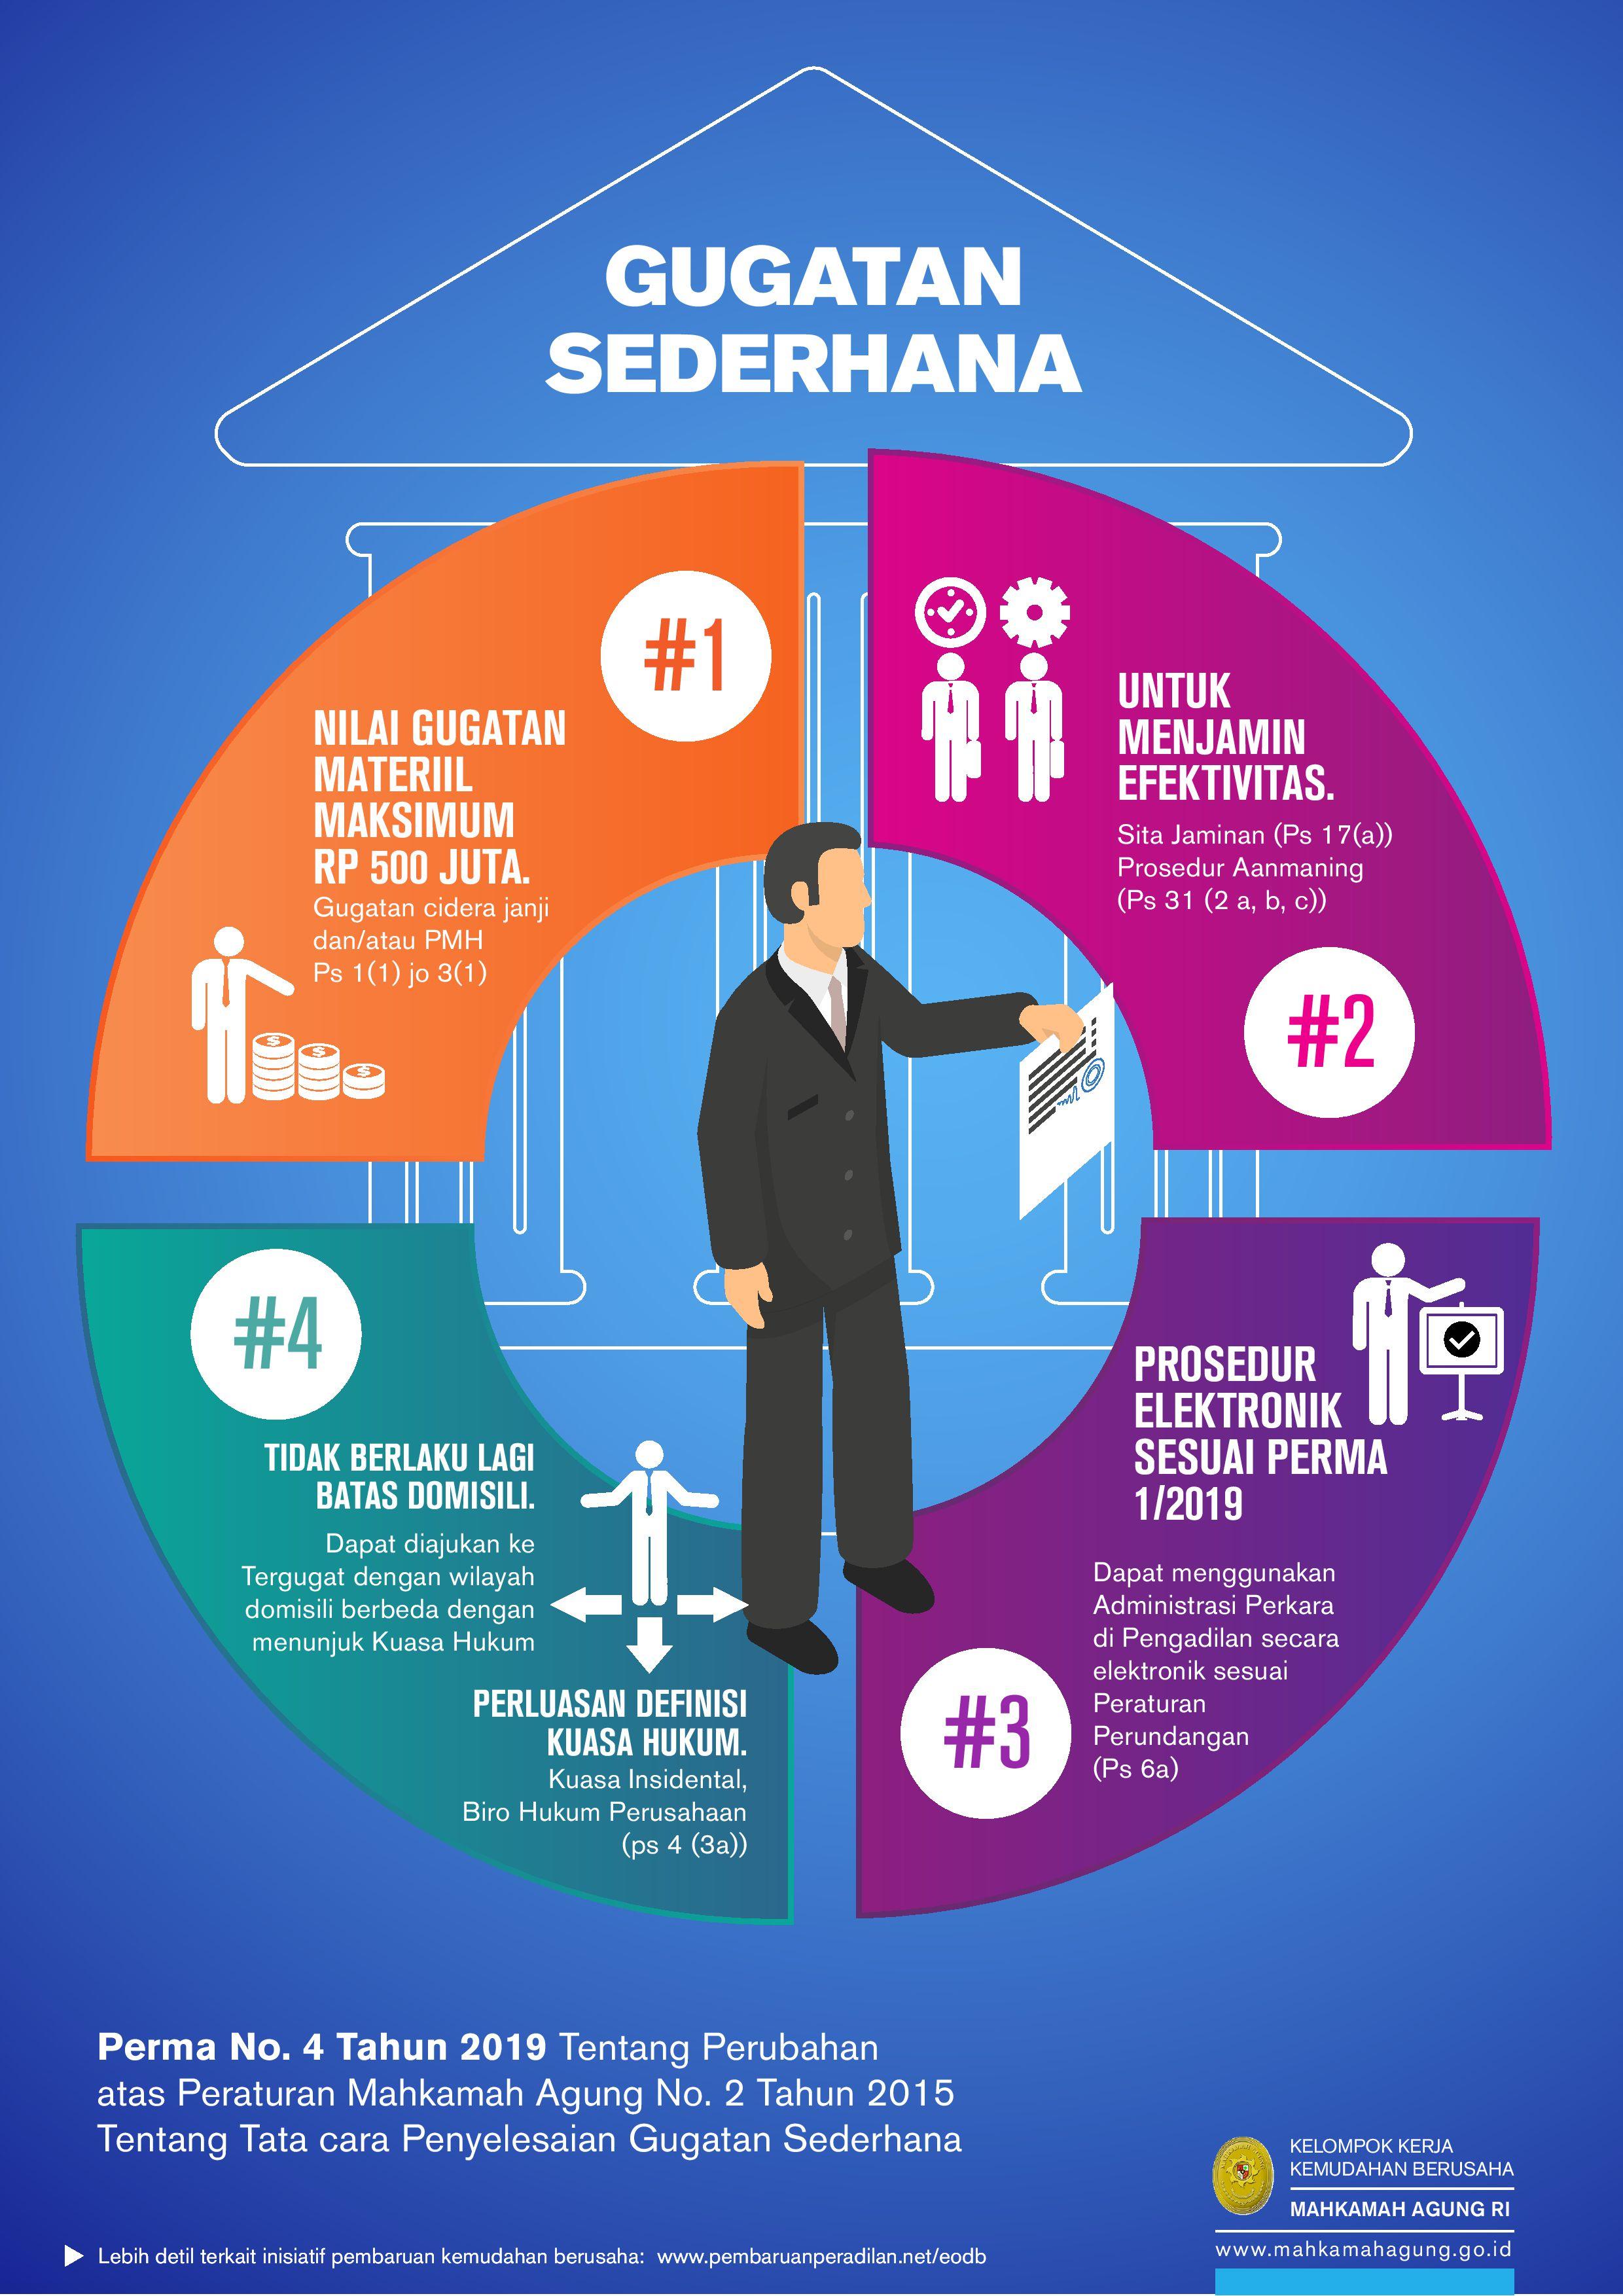 Infographic-Pembaruan_Peradilan-MA-Compiled_2020_12